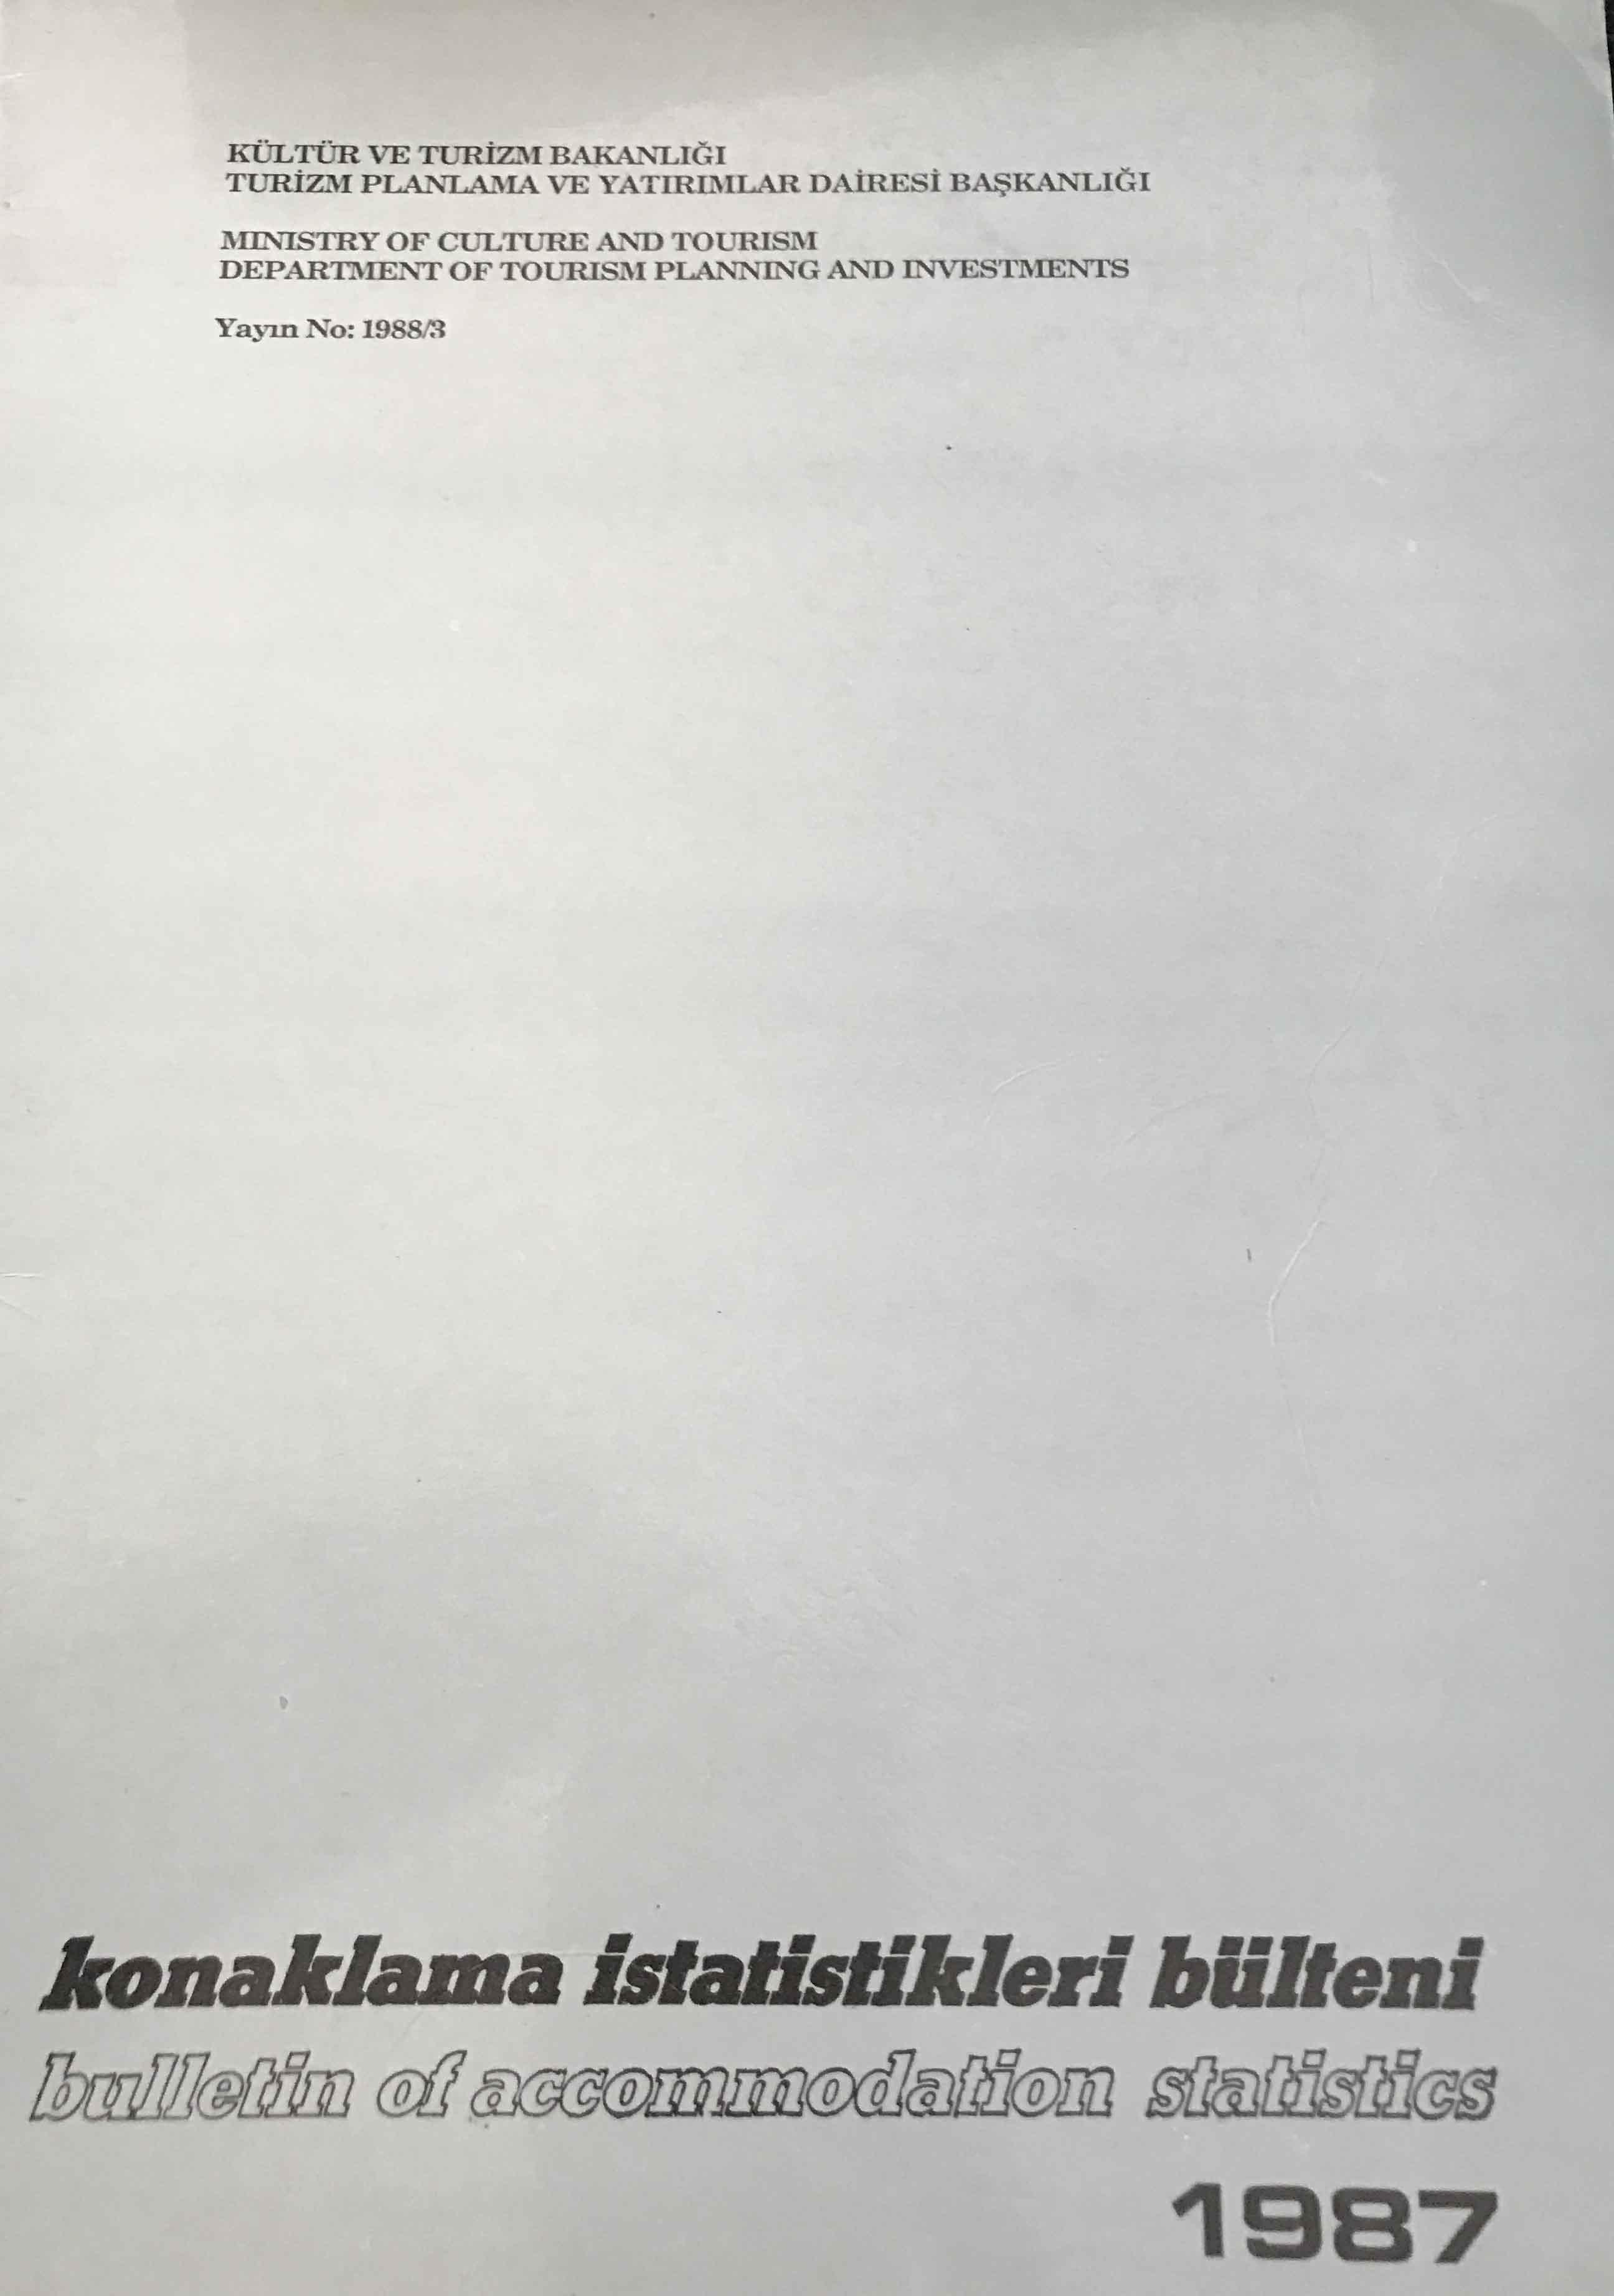 Konaklama İstatistikleri Bülteni 1987 Kitap Kapağı